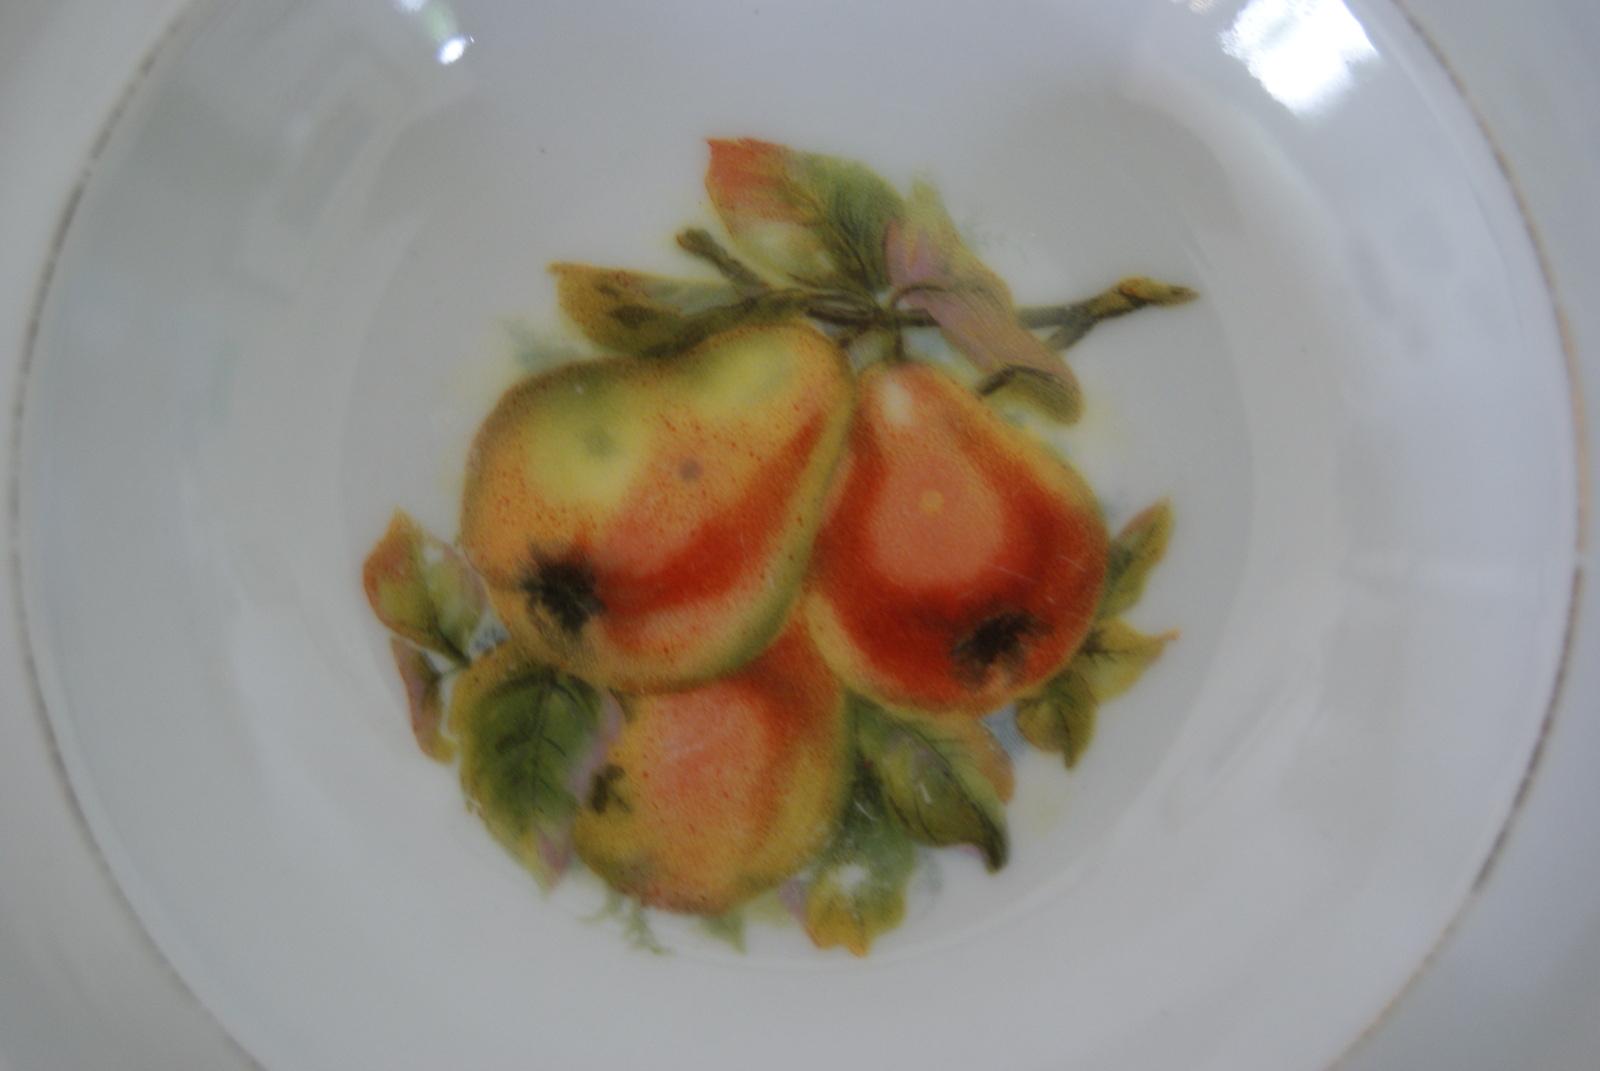 Waldenburg - Altwasser bowl with pears 1928